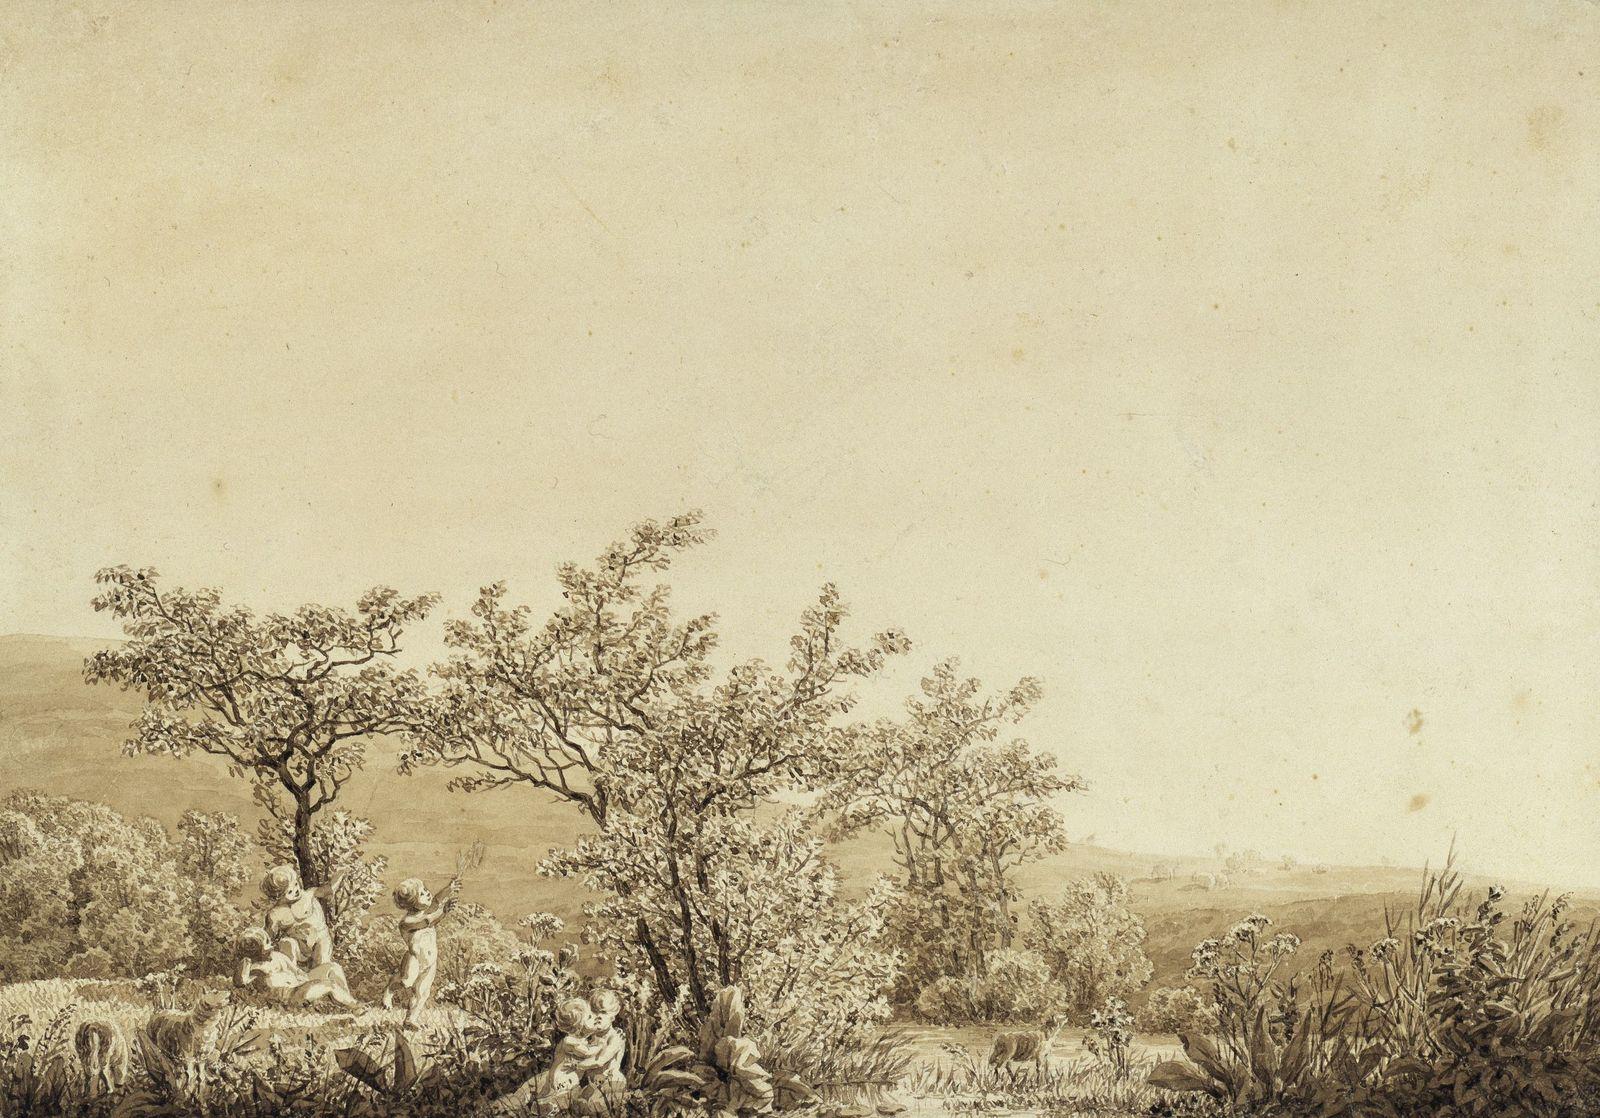 Caspar David Friedrich: Der Frühling - Der Morgen - Die Kindheit, 1803 ©  bpk / Kupferstichkabinett, SMB